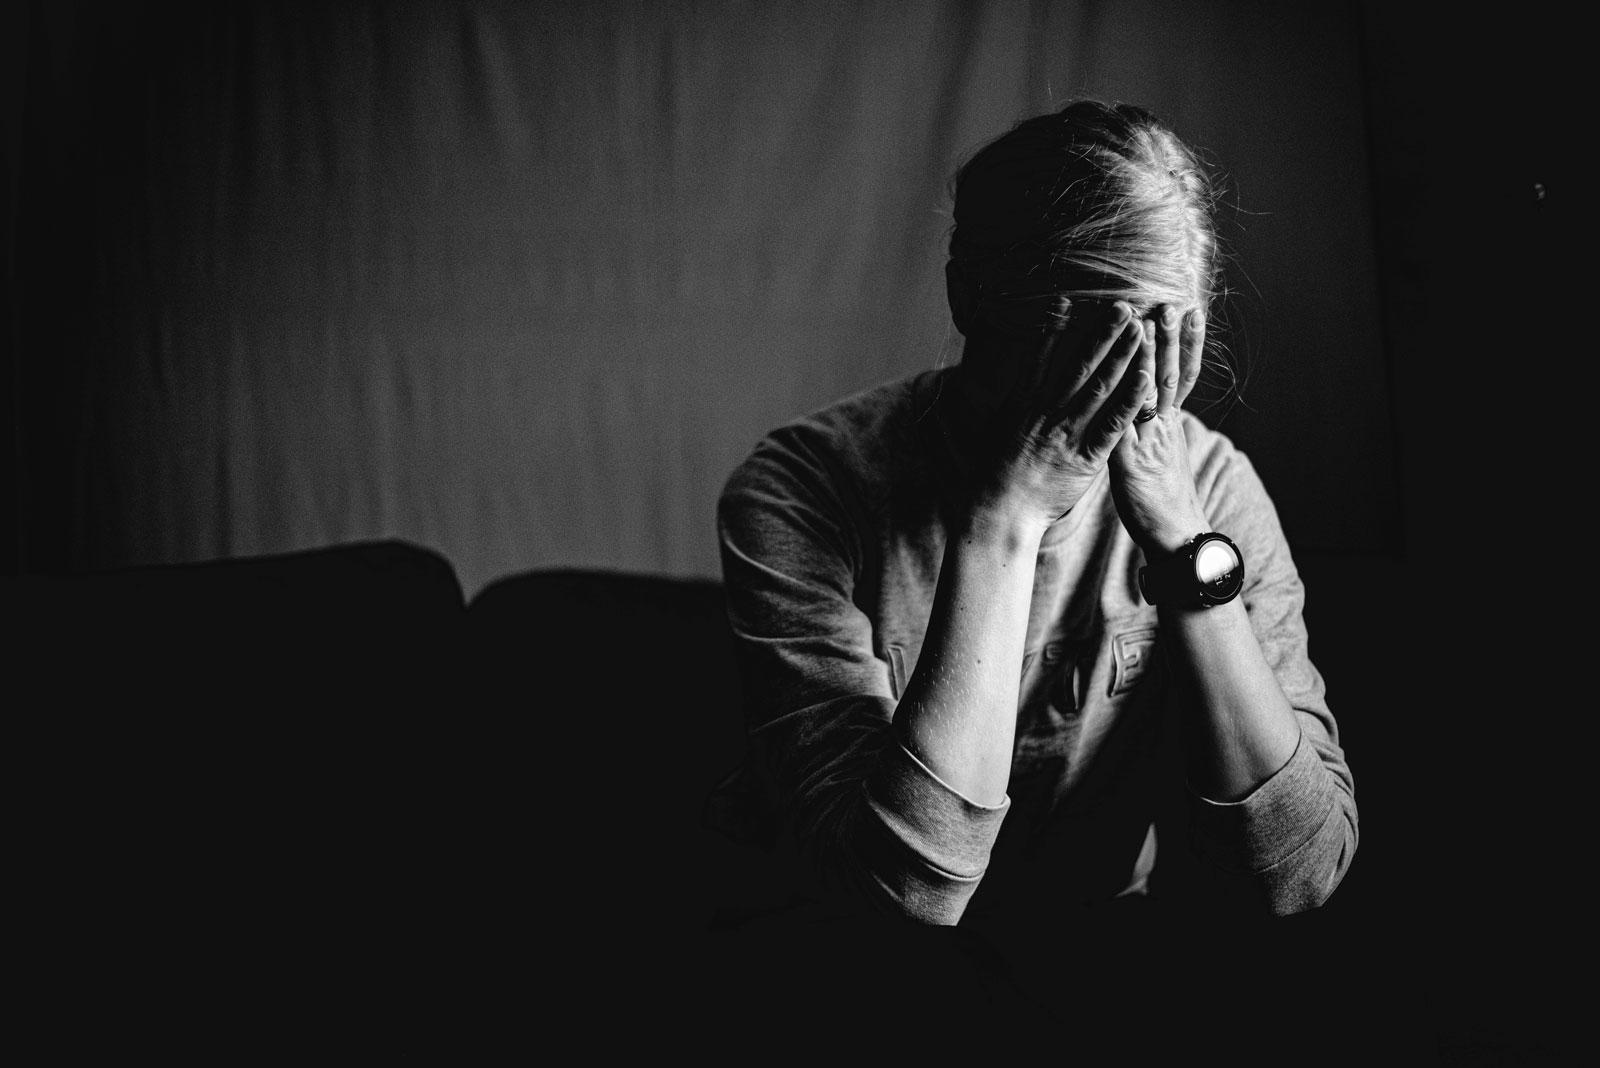 Traumaattisen Kriisin Vaiheet